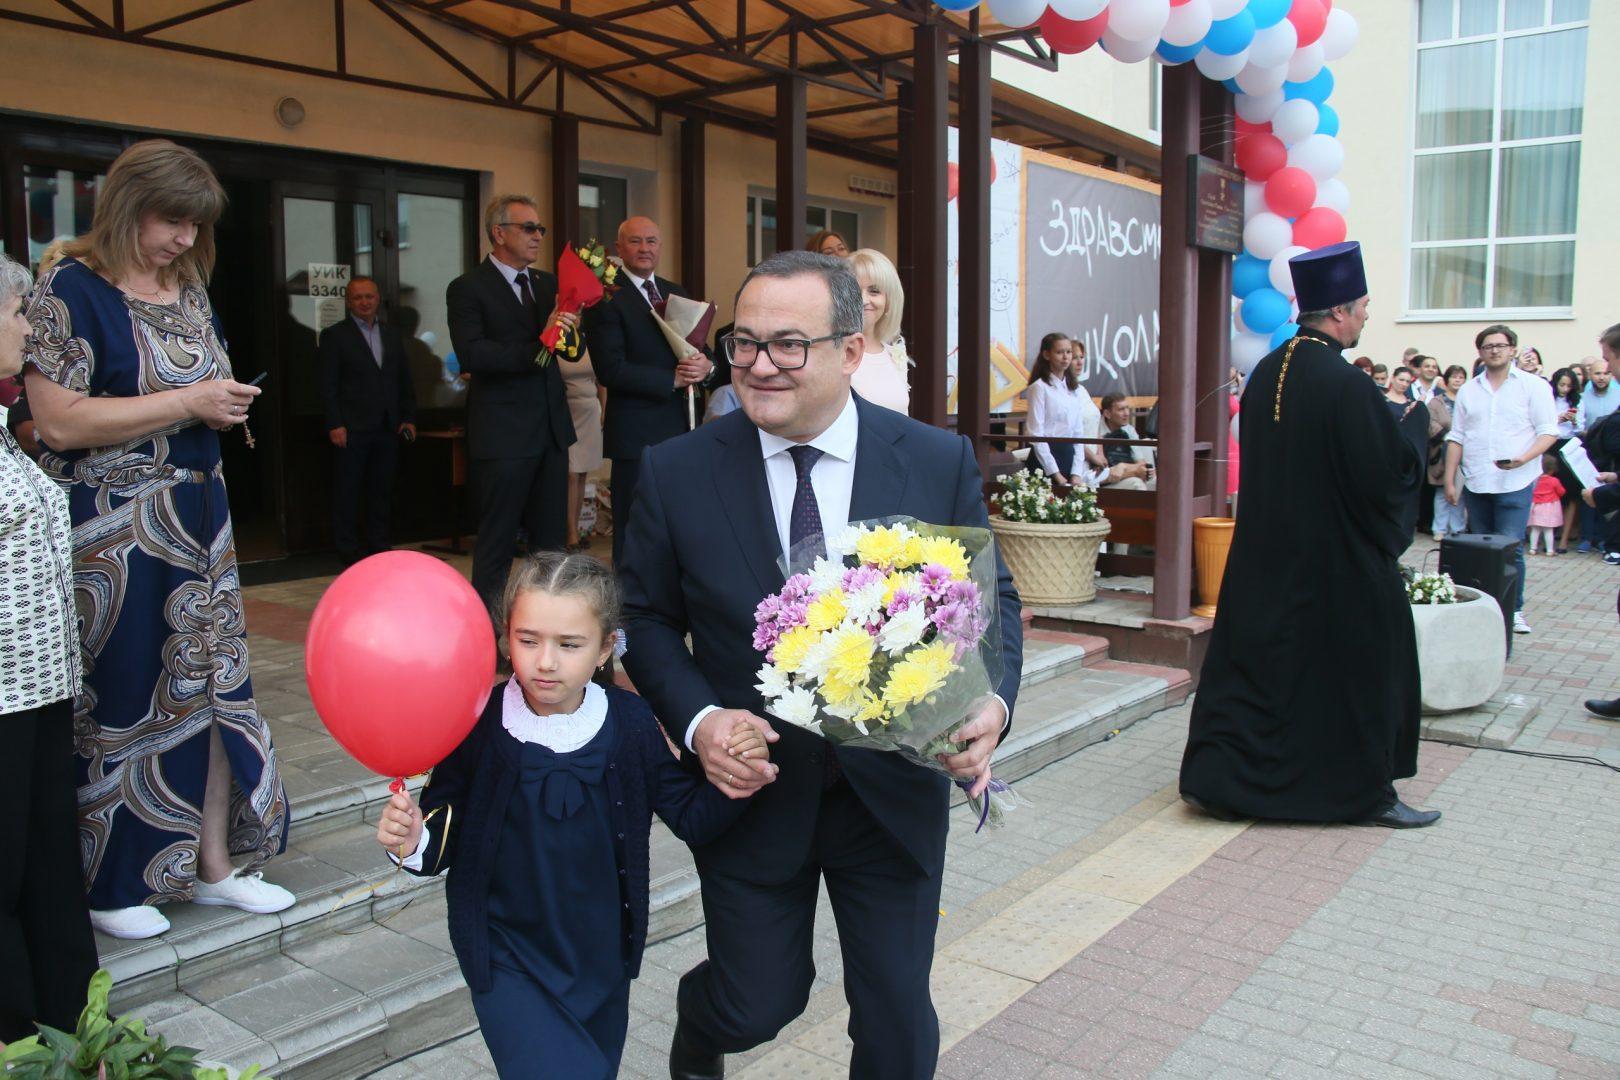 Префект Новой Москвы поздравил школьников с наступившим Днем знаний. Фото: Владимир Смоляков